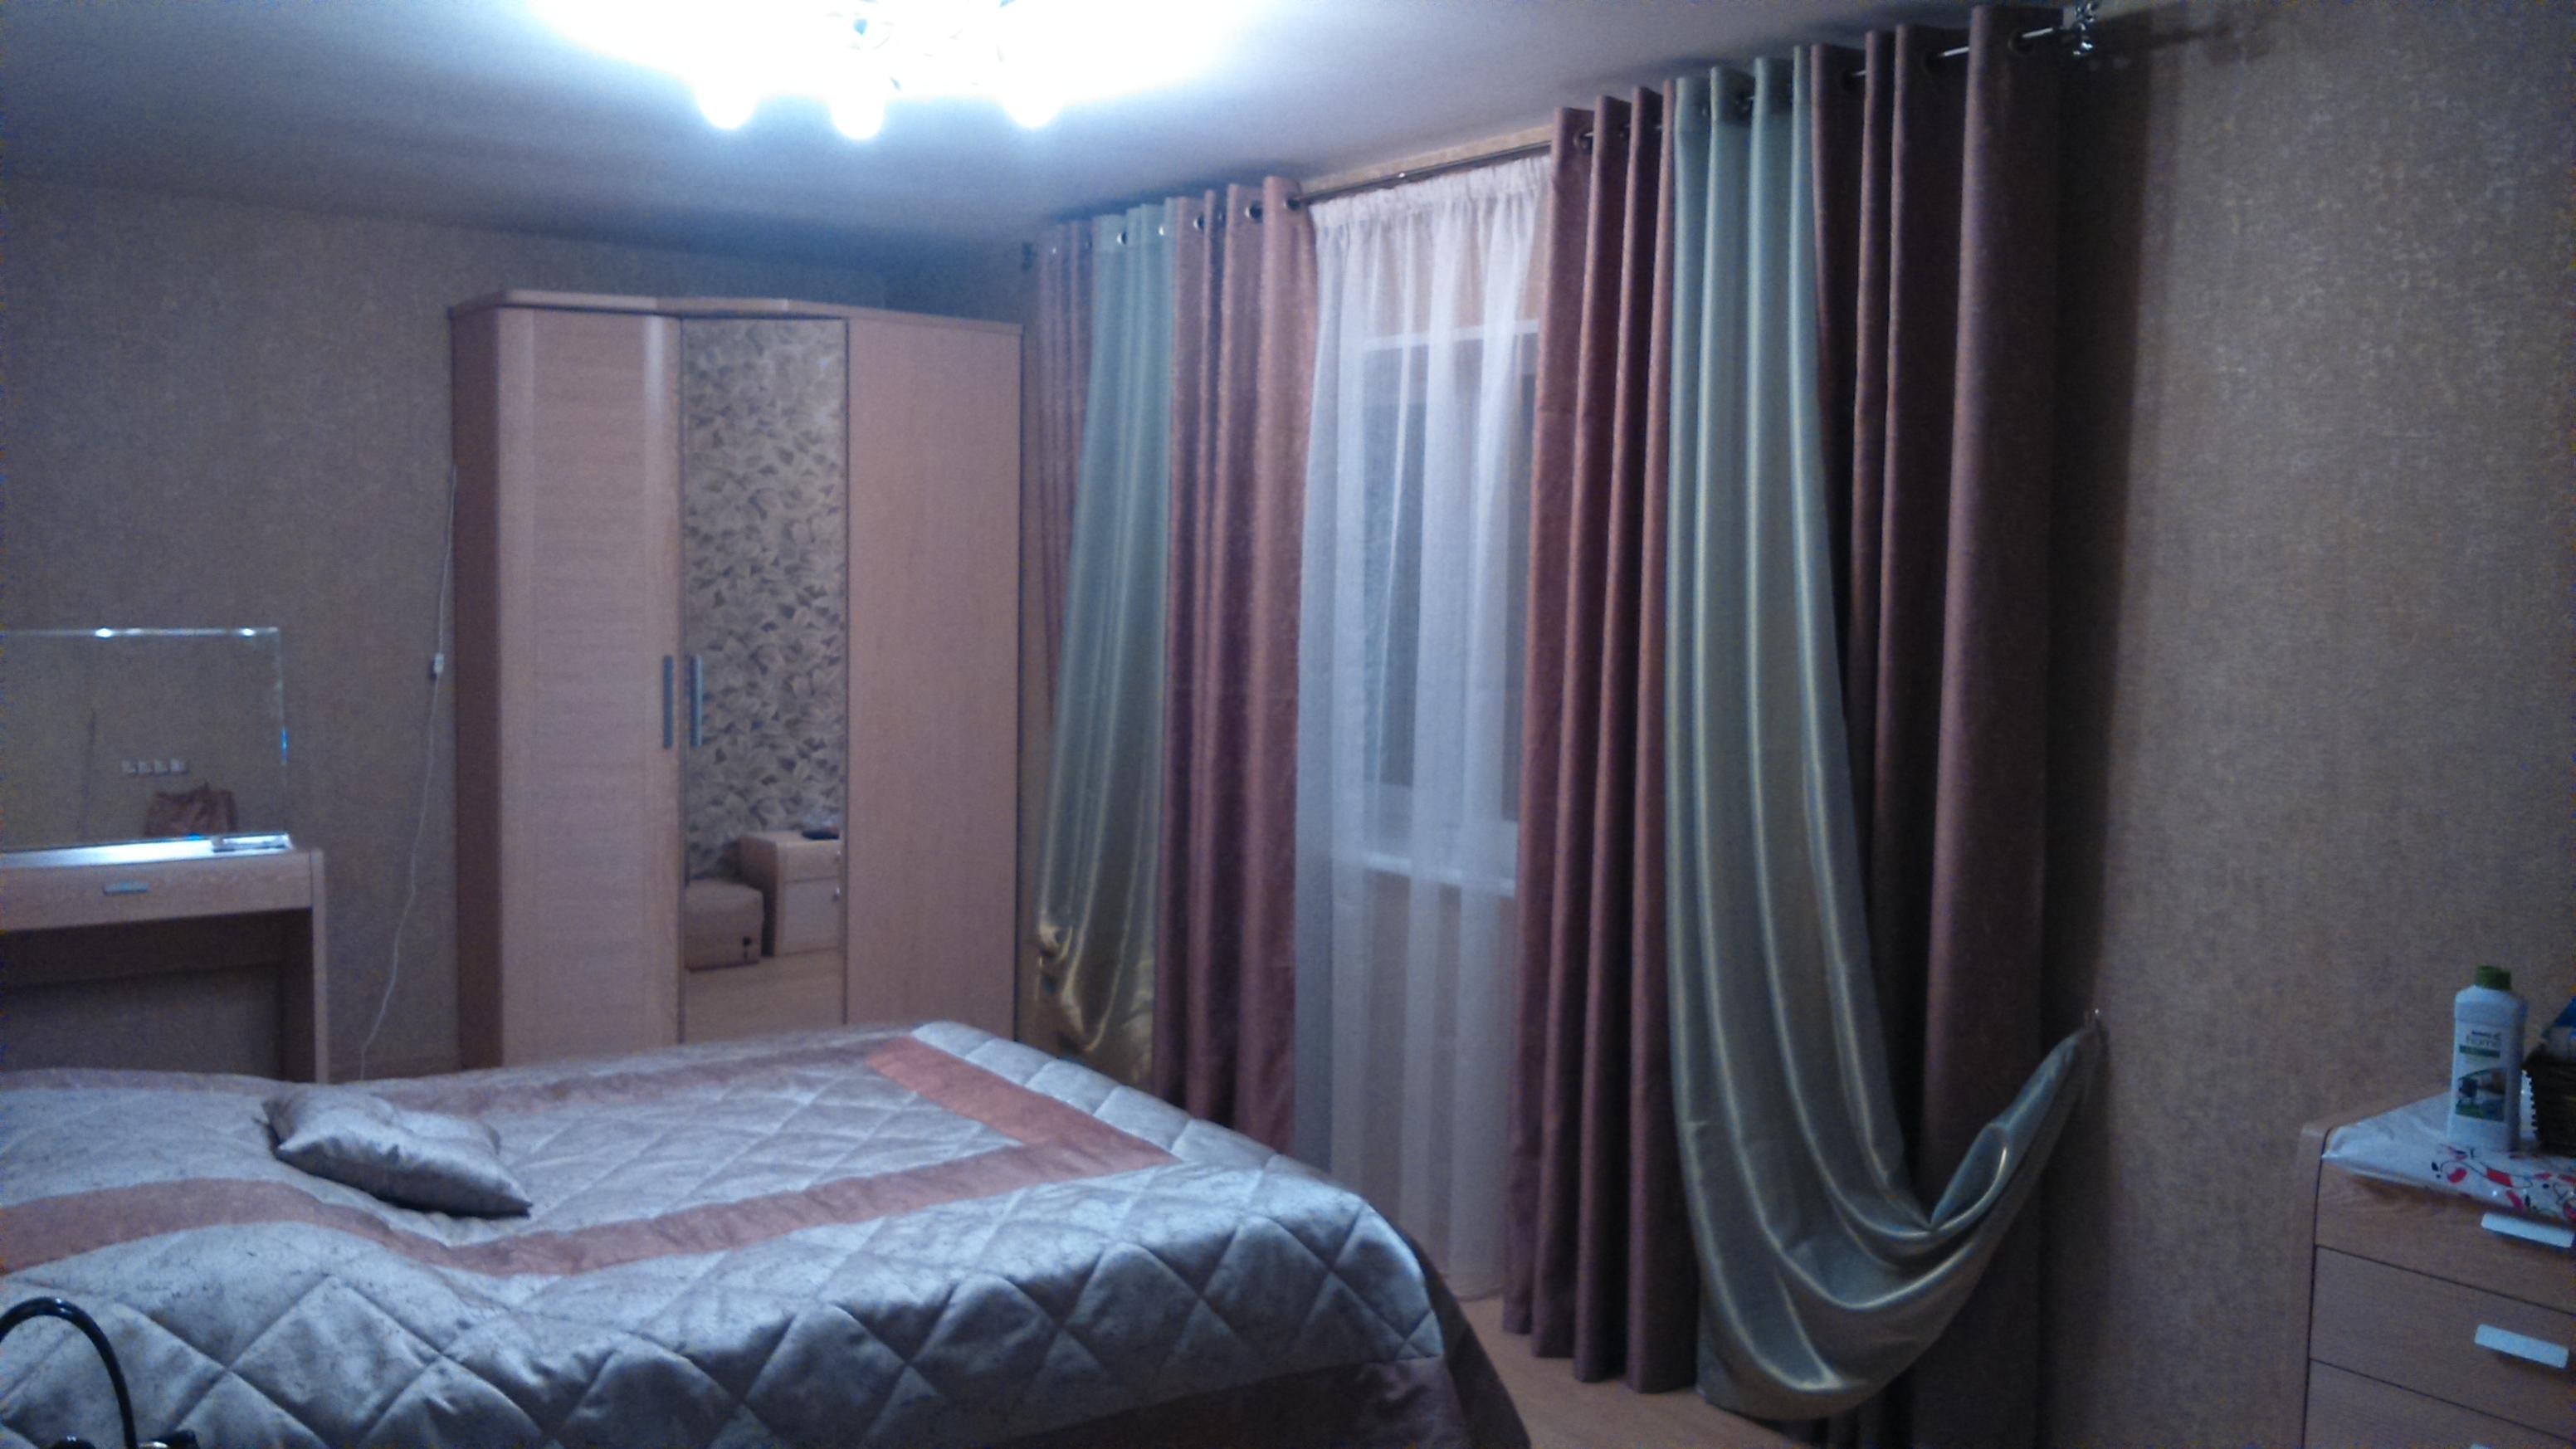 ПредНовогодняя Акция!!!! При заказе тканей до 1 декабря - скидка на пошив 50%! Успейте обновить окна в своем доме!!!!